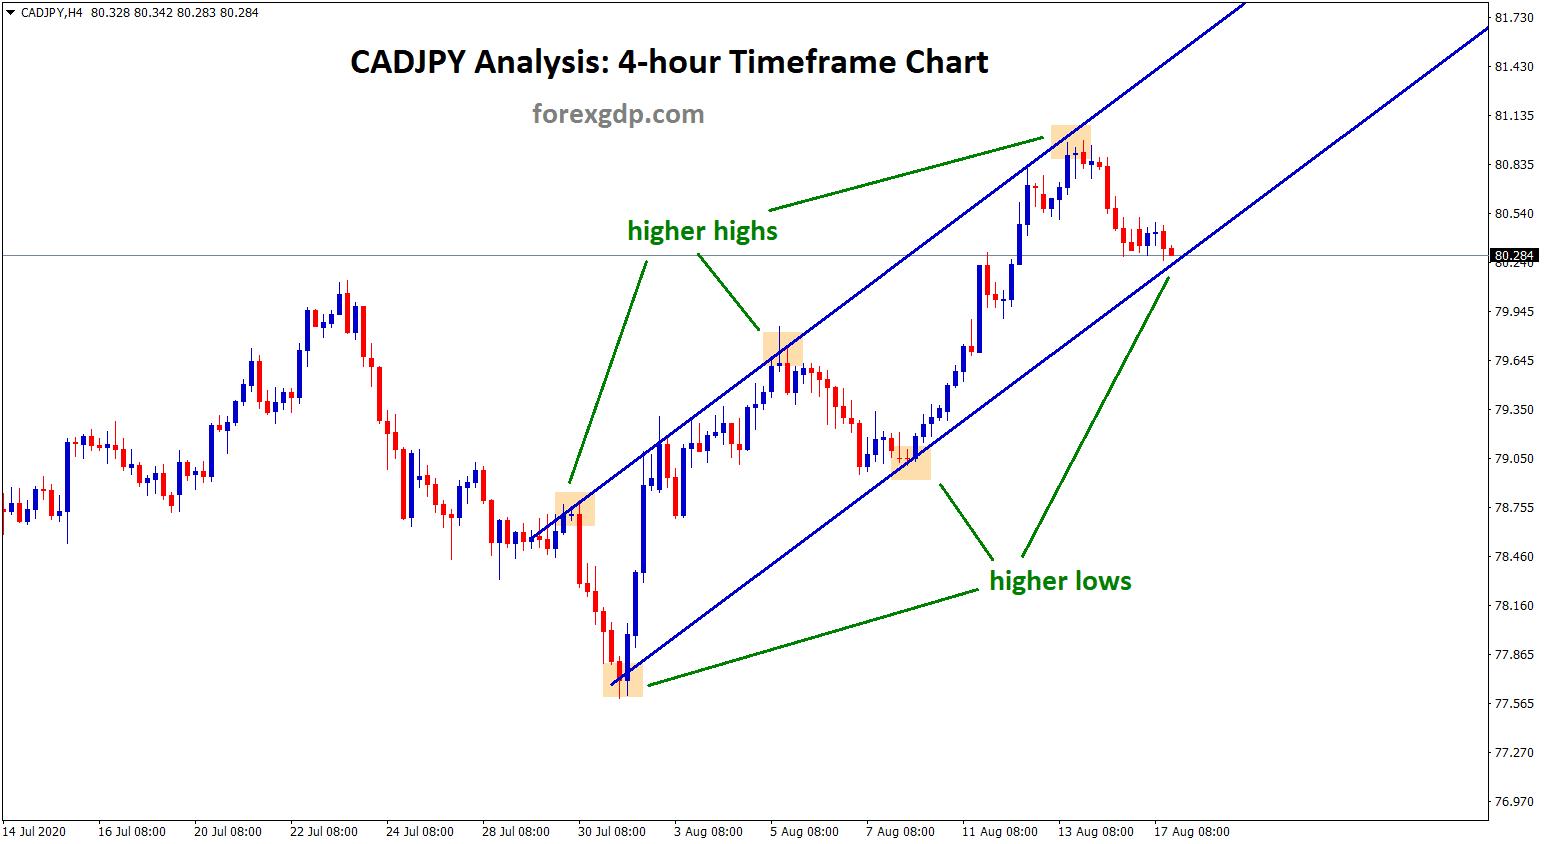 cadjpy higher low reach on 4h